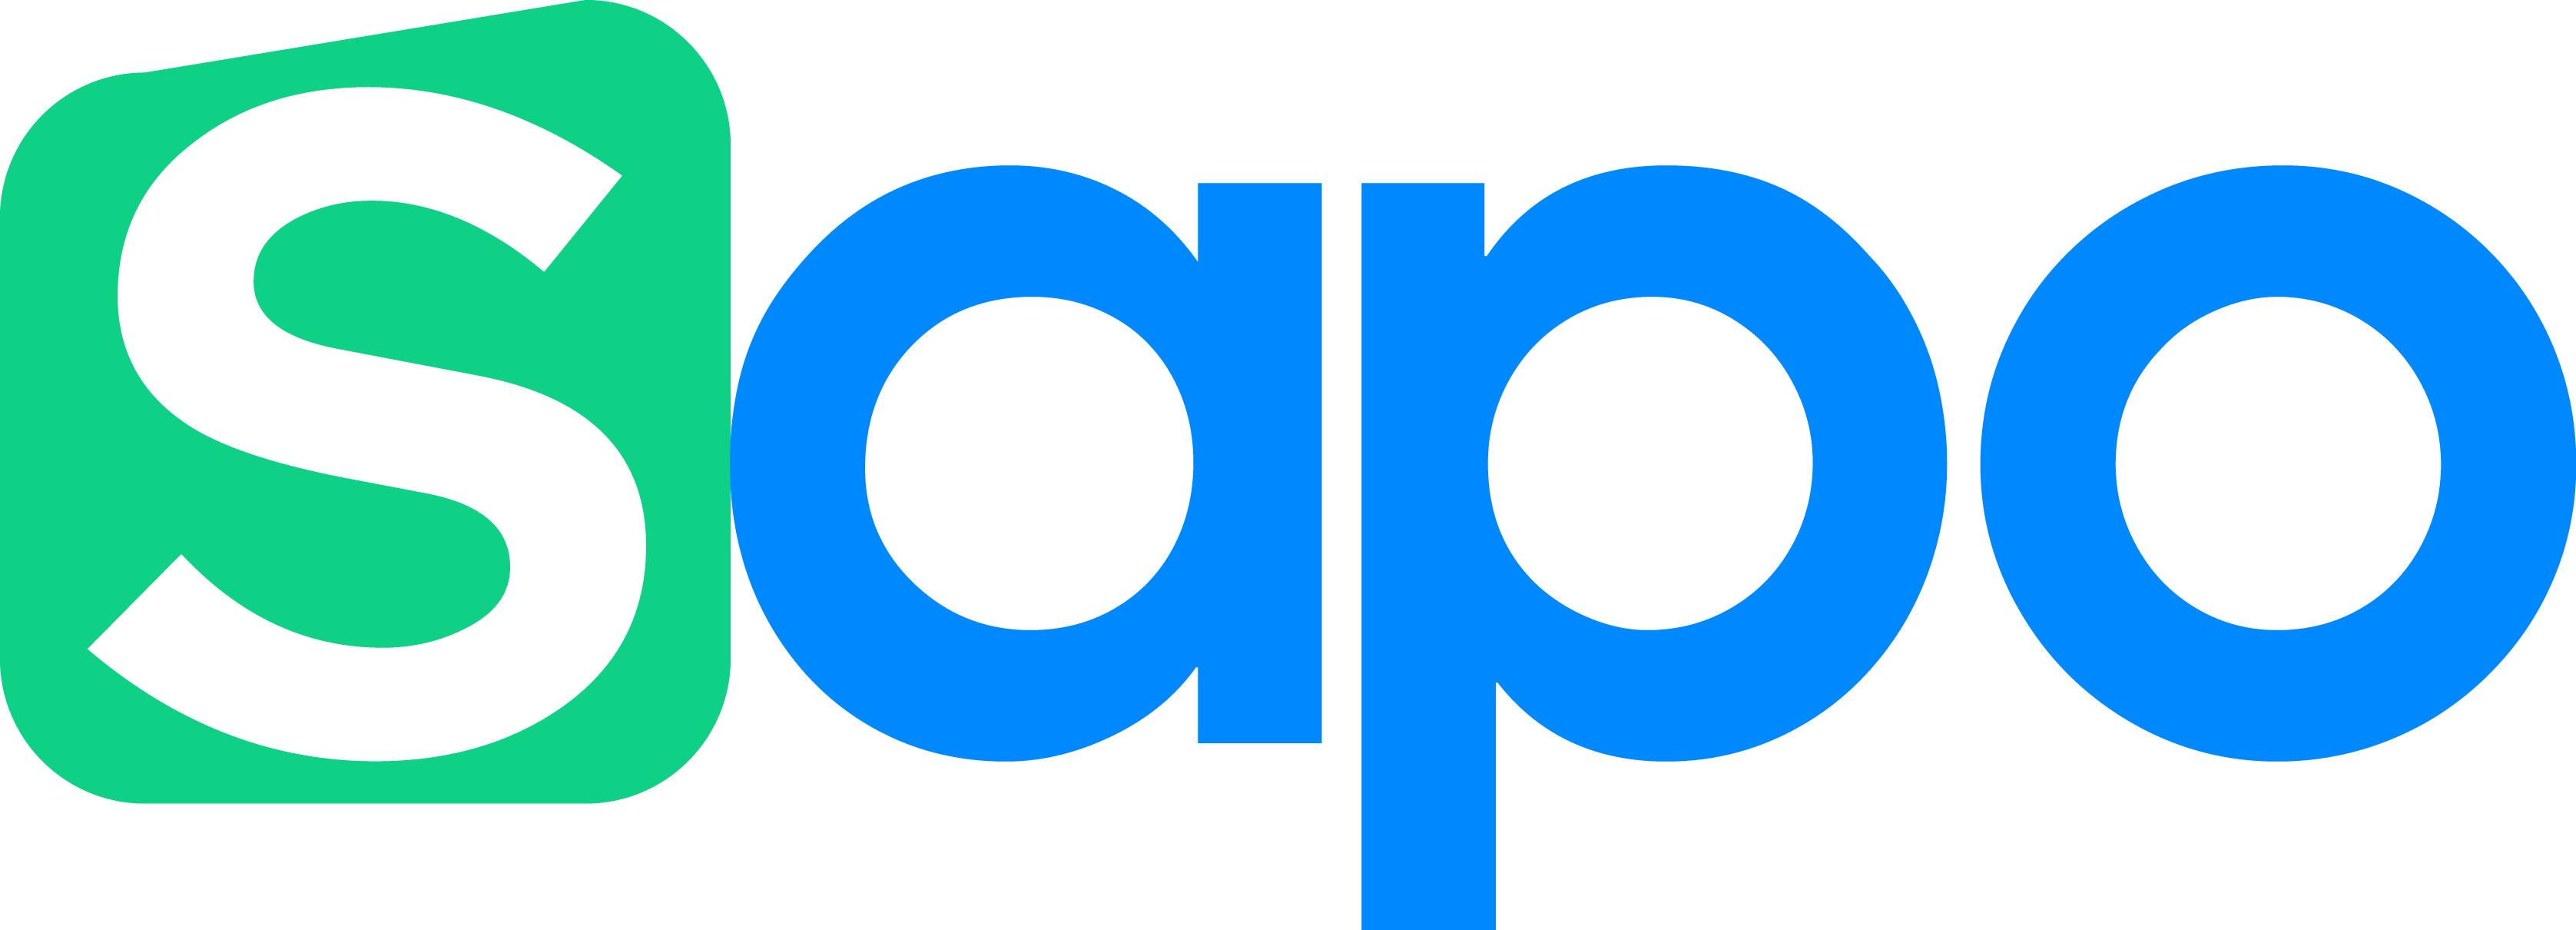 Thông báo về việc đổi tên Công ty